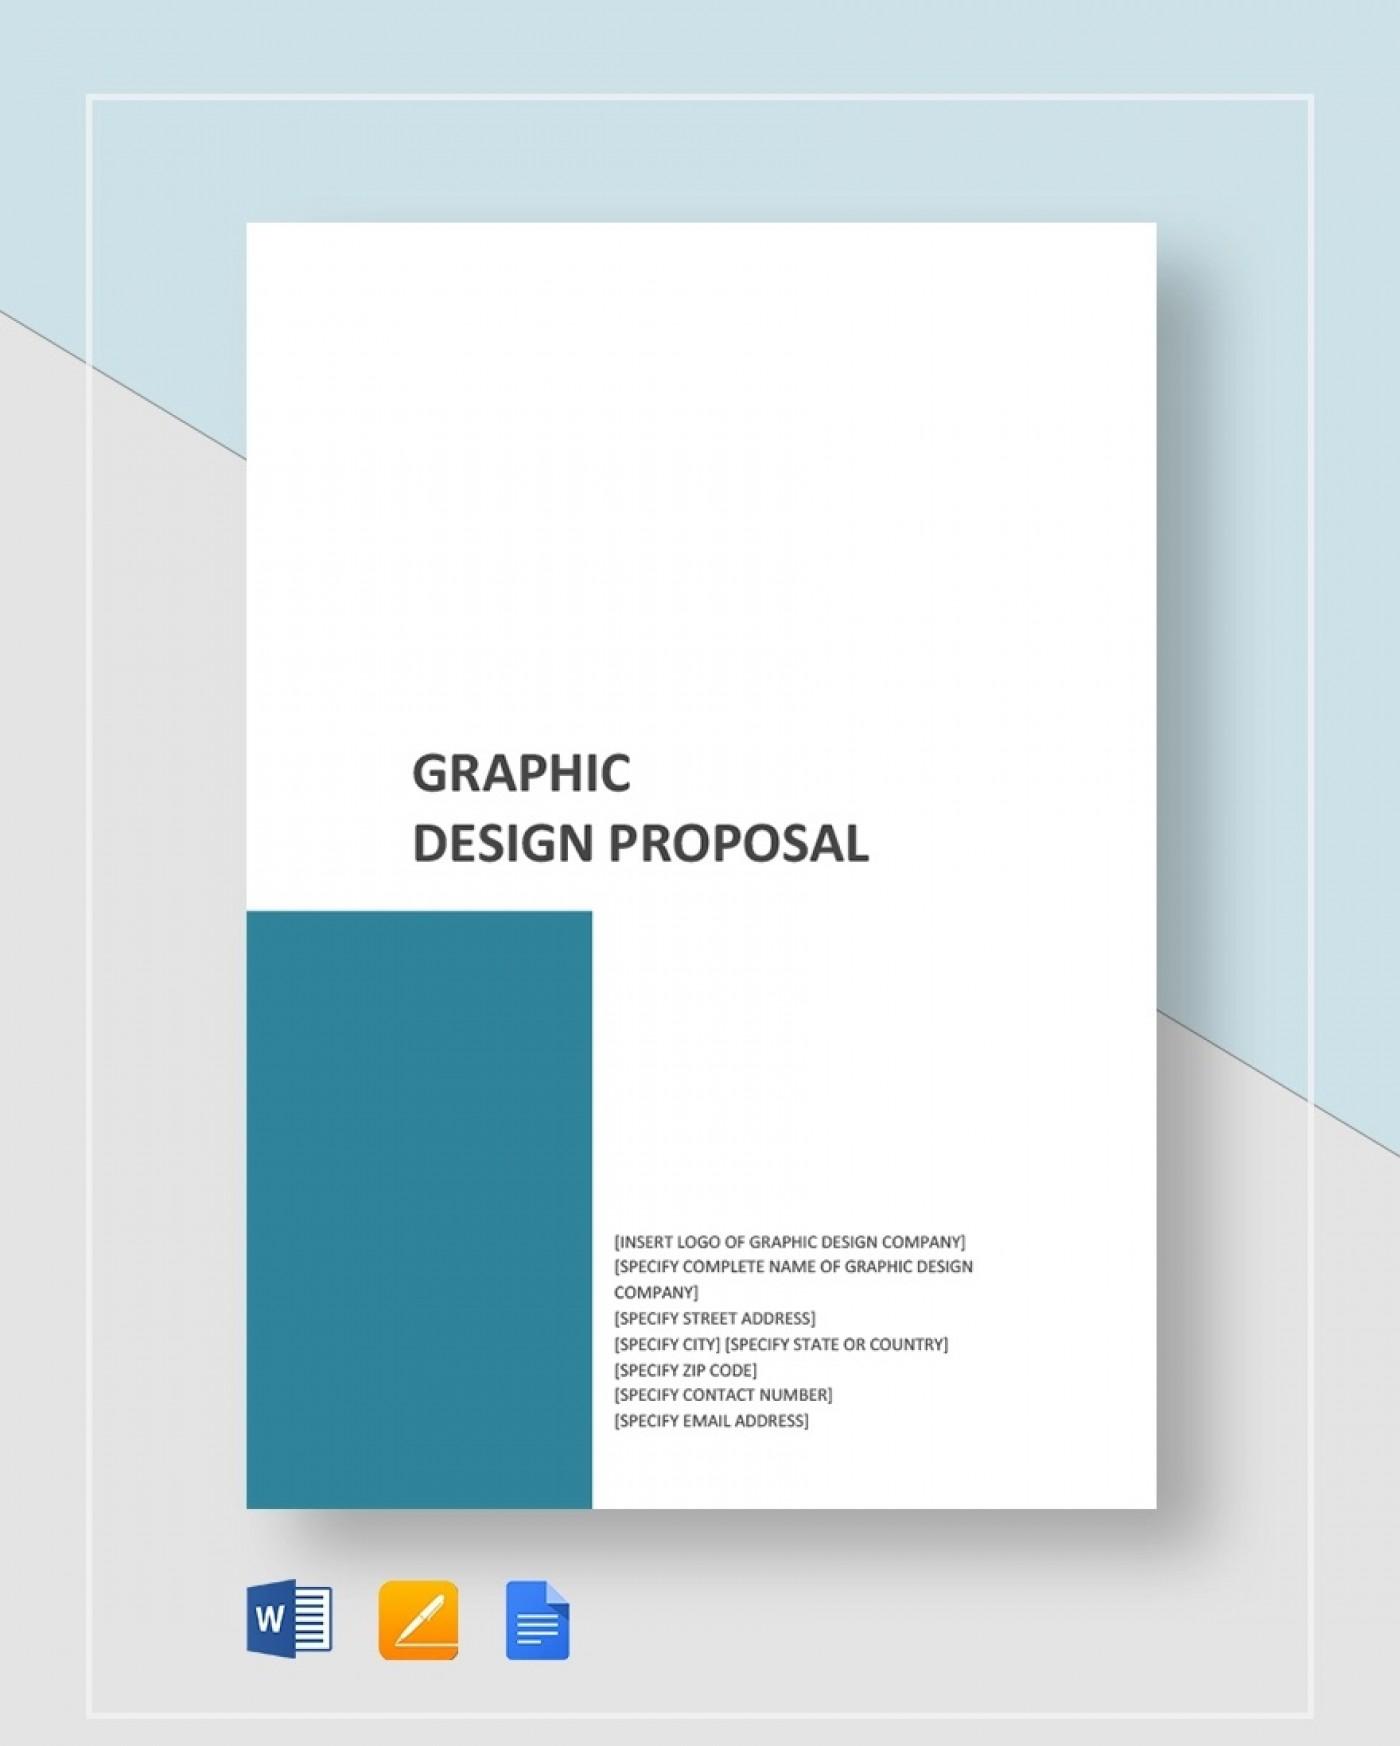 Template Graphic Design Proposal Idea  Free Doc Pdf1400